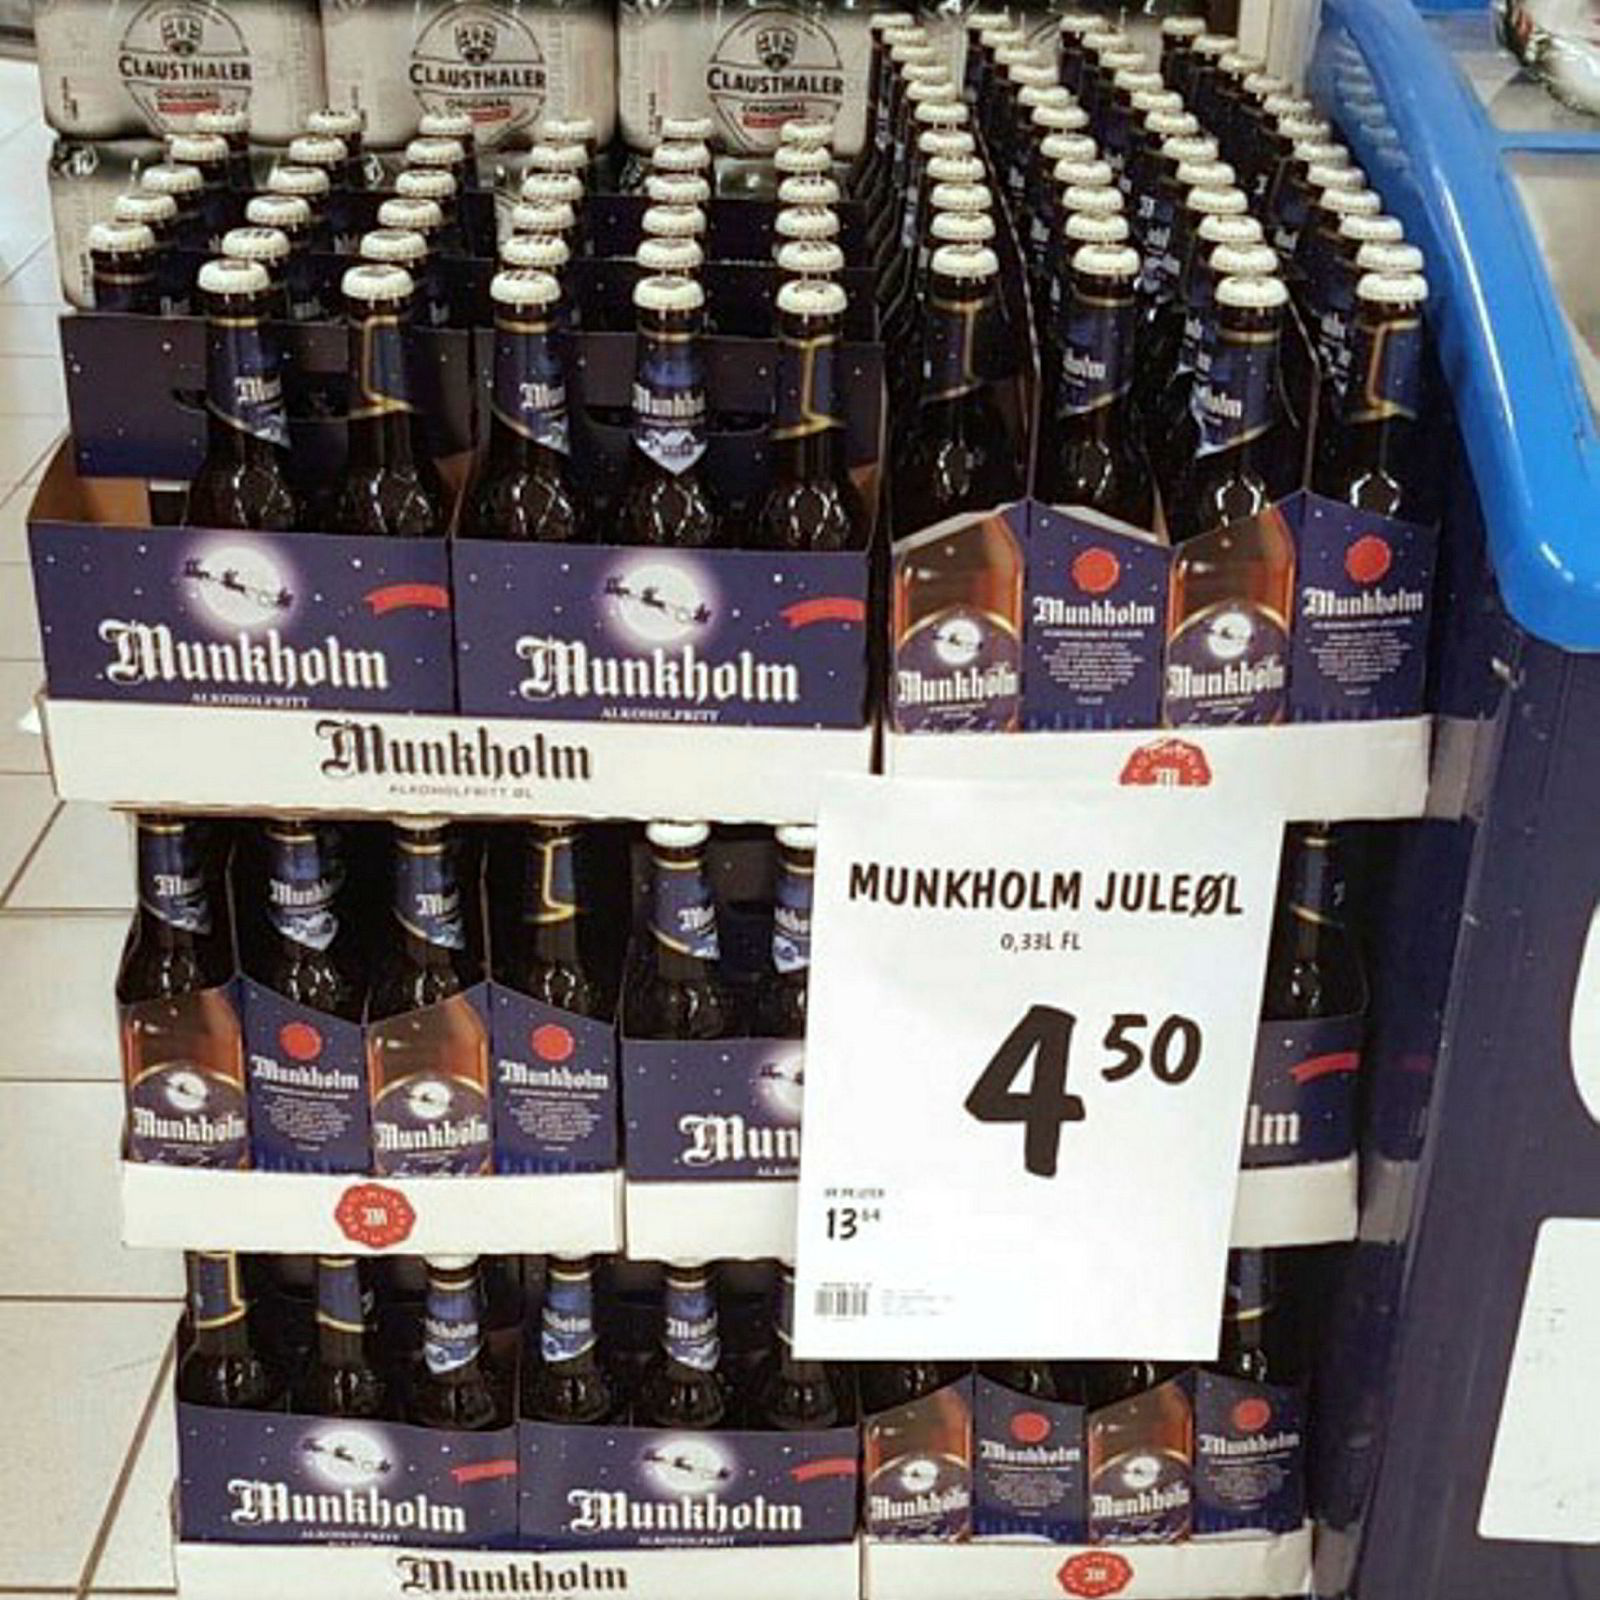 Her et av bildene som ble tatt av Munkholm juleøl i en av butikkene som ble sjekket i VGs matbørs.